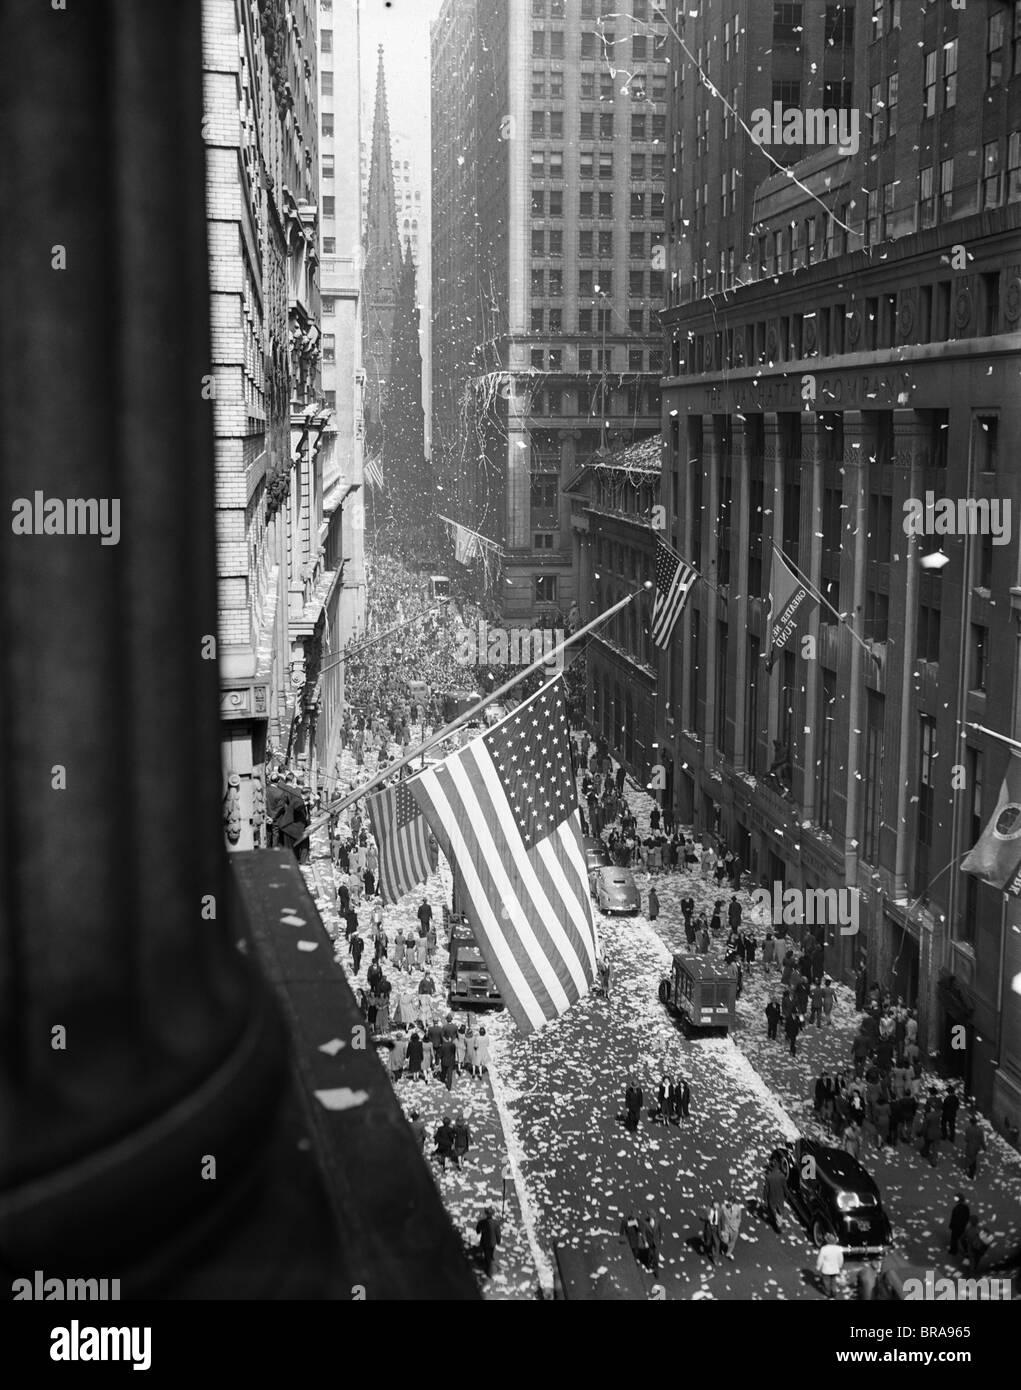 1940 1945 Vista aérea de la celebración del Día VE EN WALL STREET NYC con banderas y confeti volando Imagen De Stock